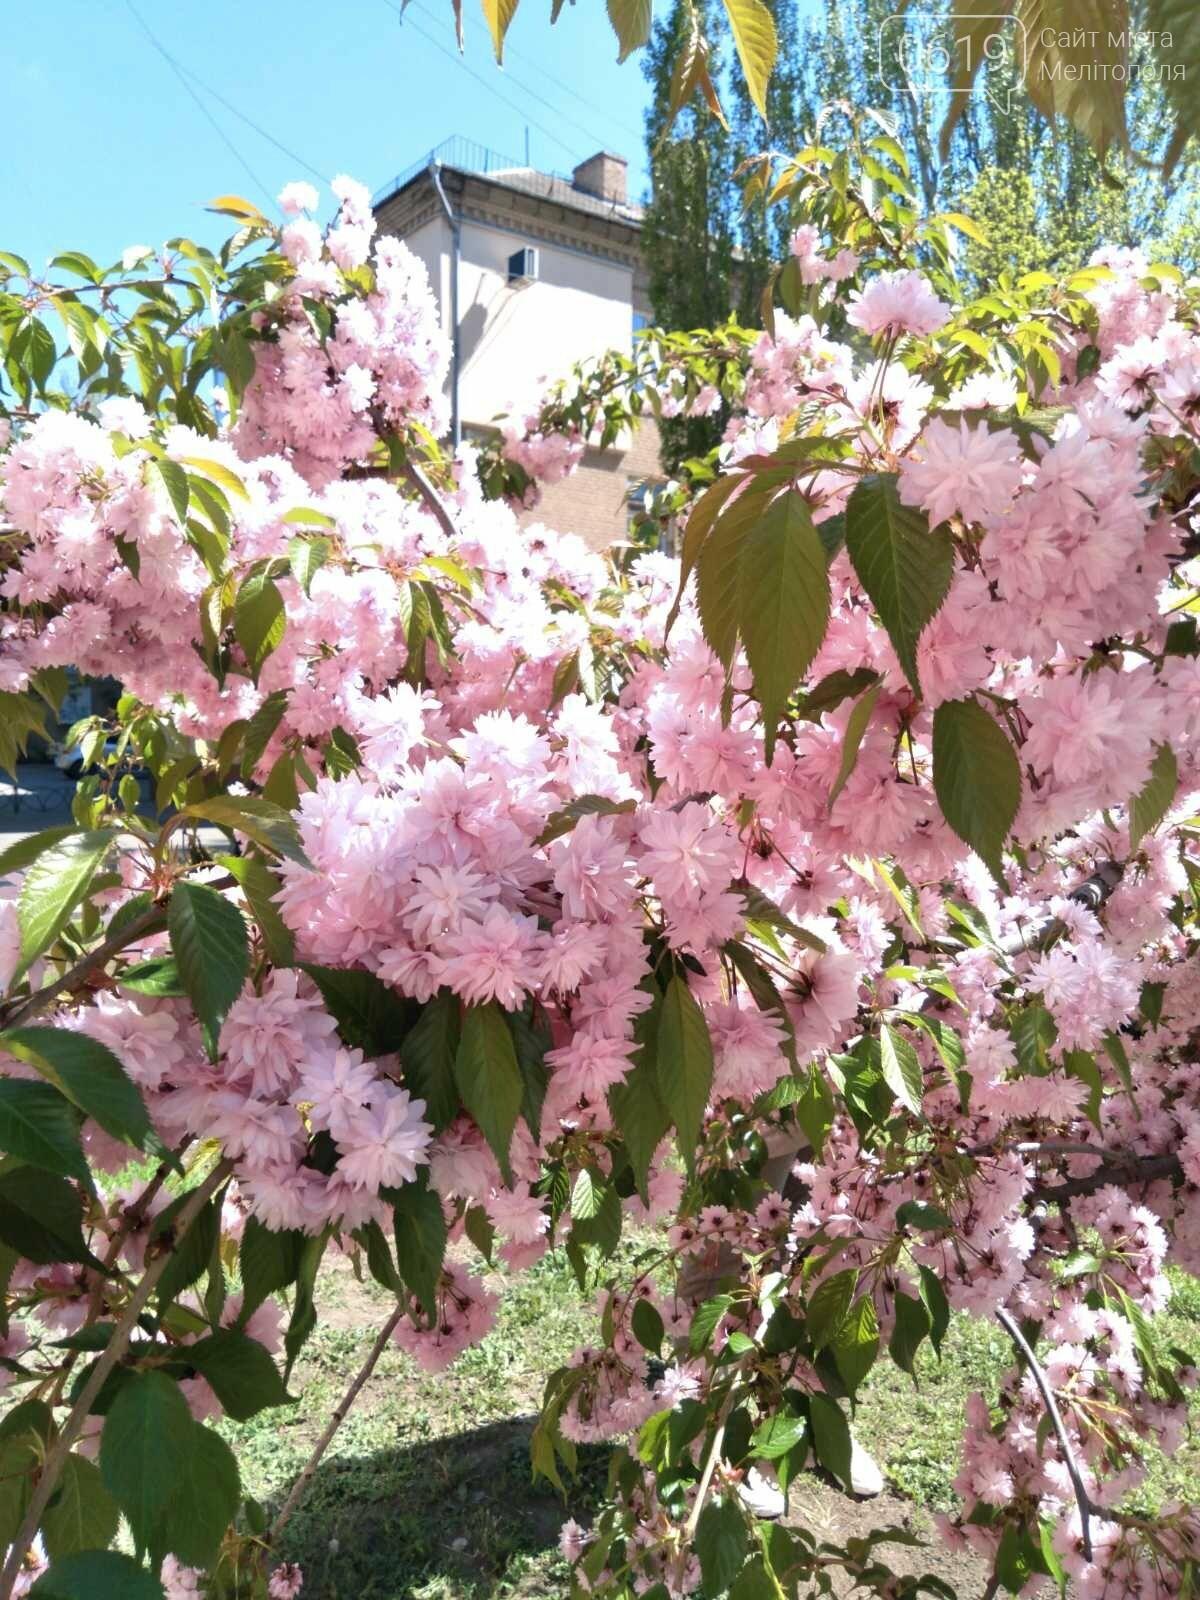 Цветущий и благоухающий Мелитополь: по городу идет весна, фото-11